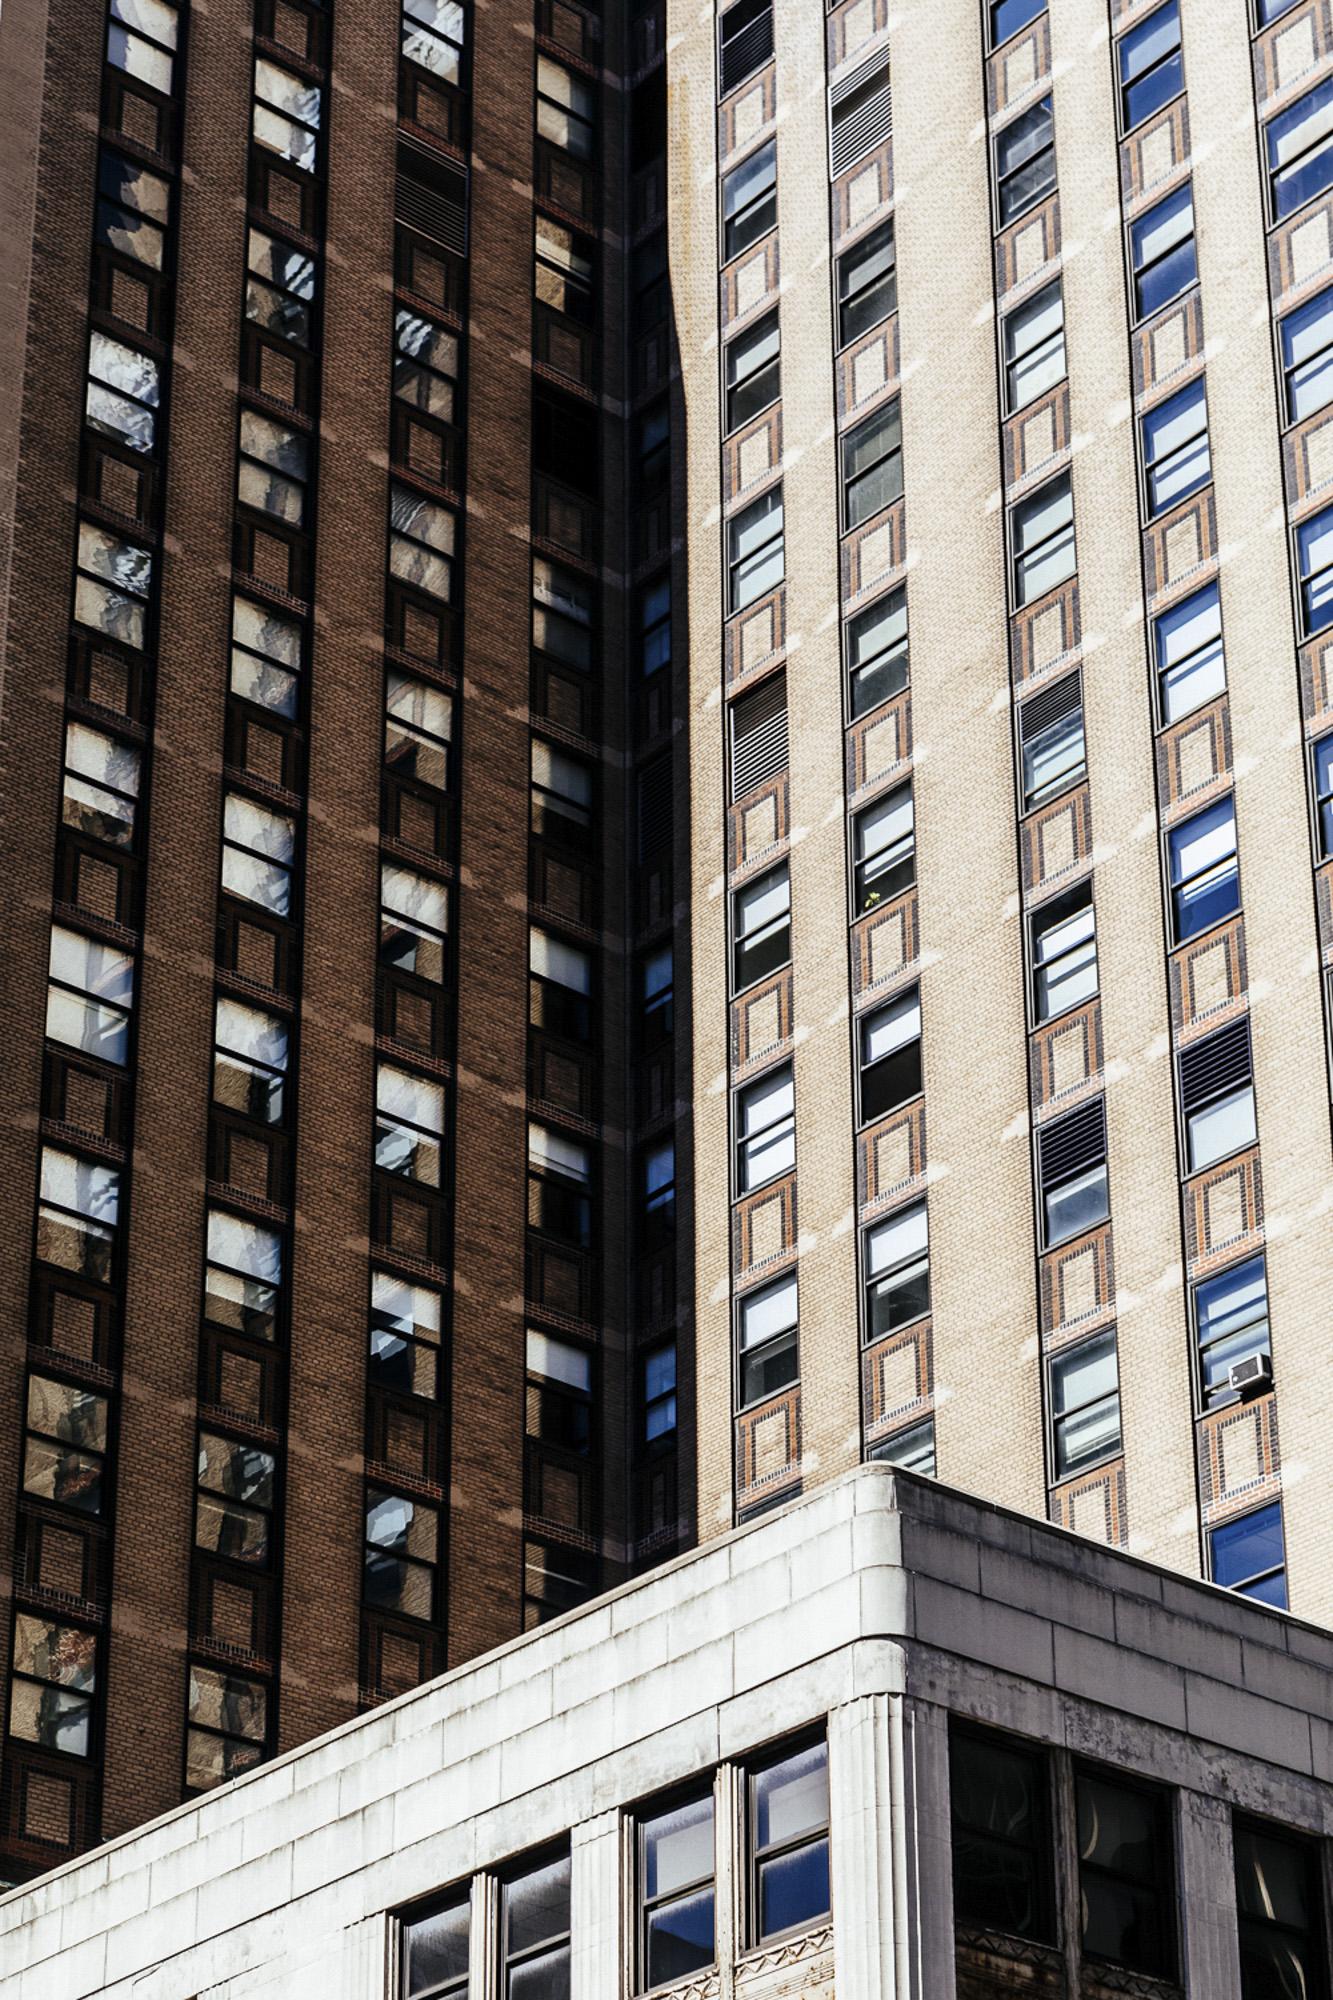 kyrani-kanavaros-new-york-photography-14.jpg